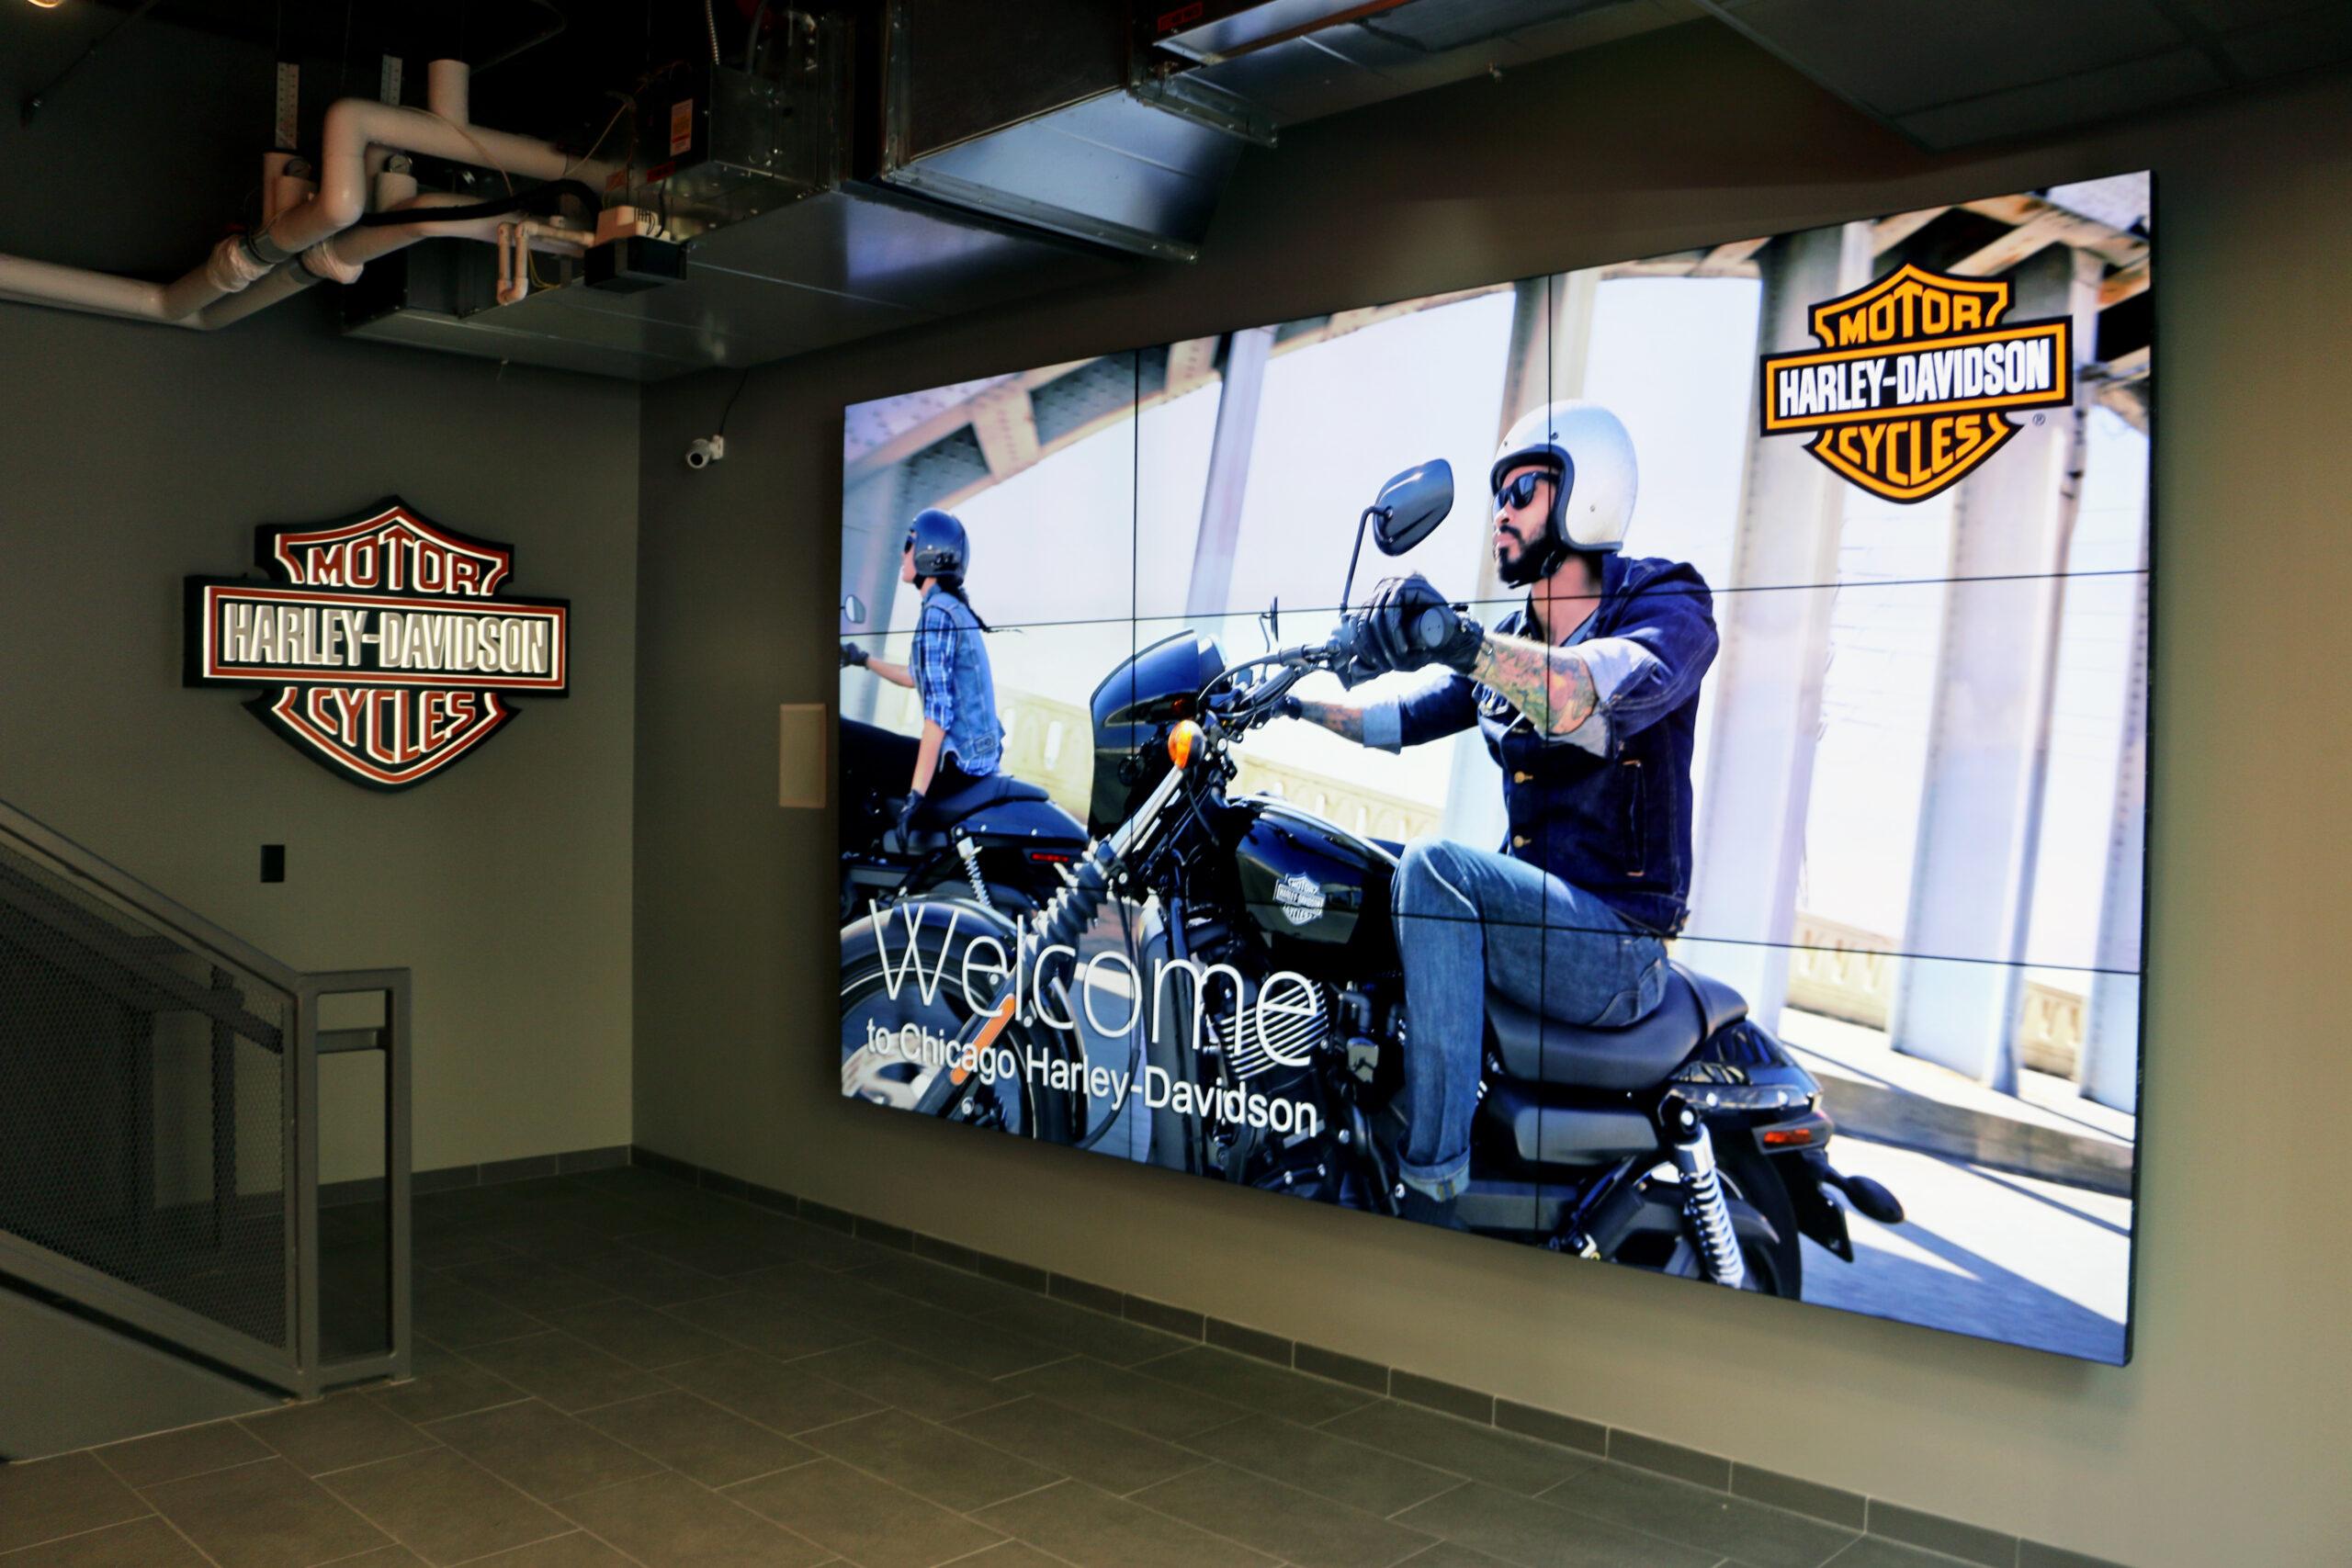 Large media screen at Harley Davidson.